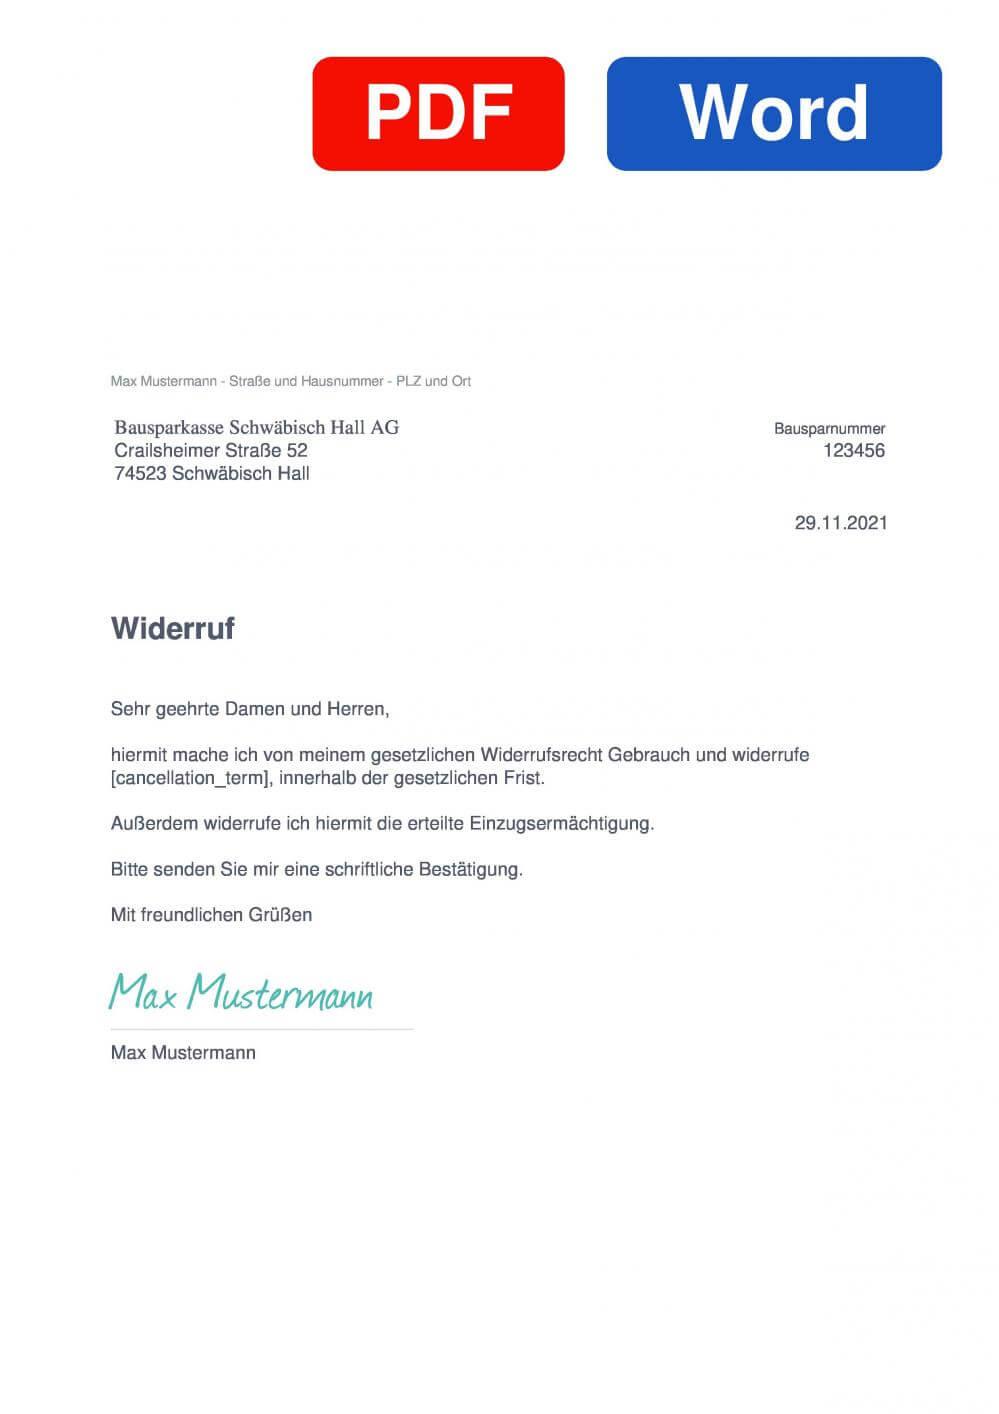 Schwäbisch Hall Bausparkasse Muster Vorlage für Wiederrufsschreiben